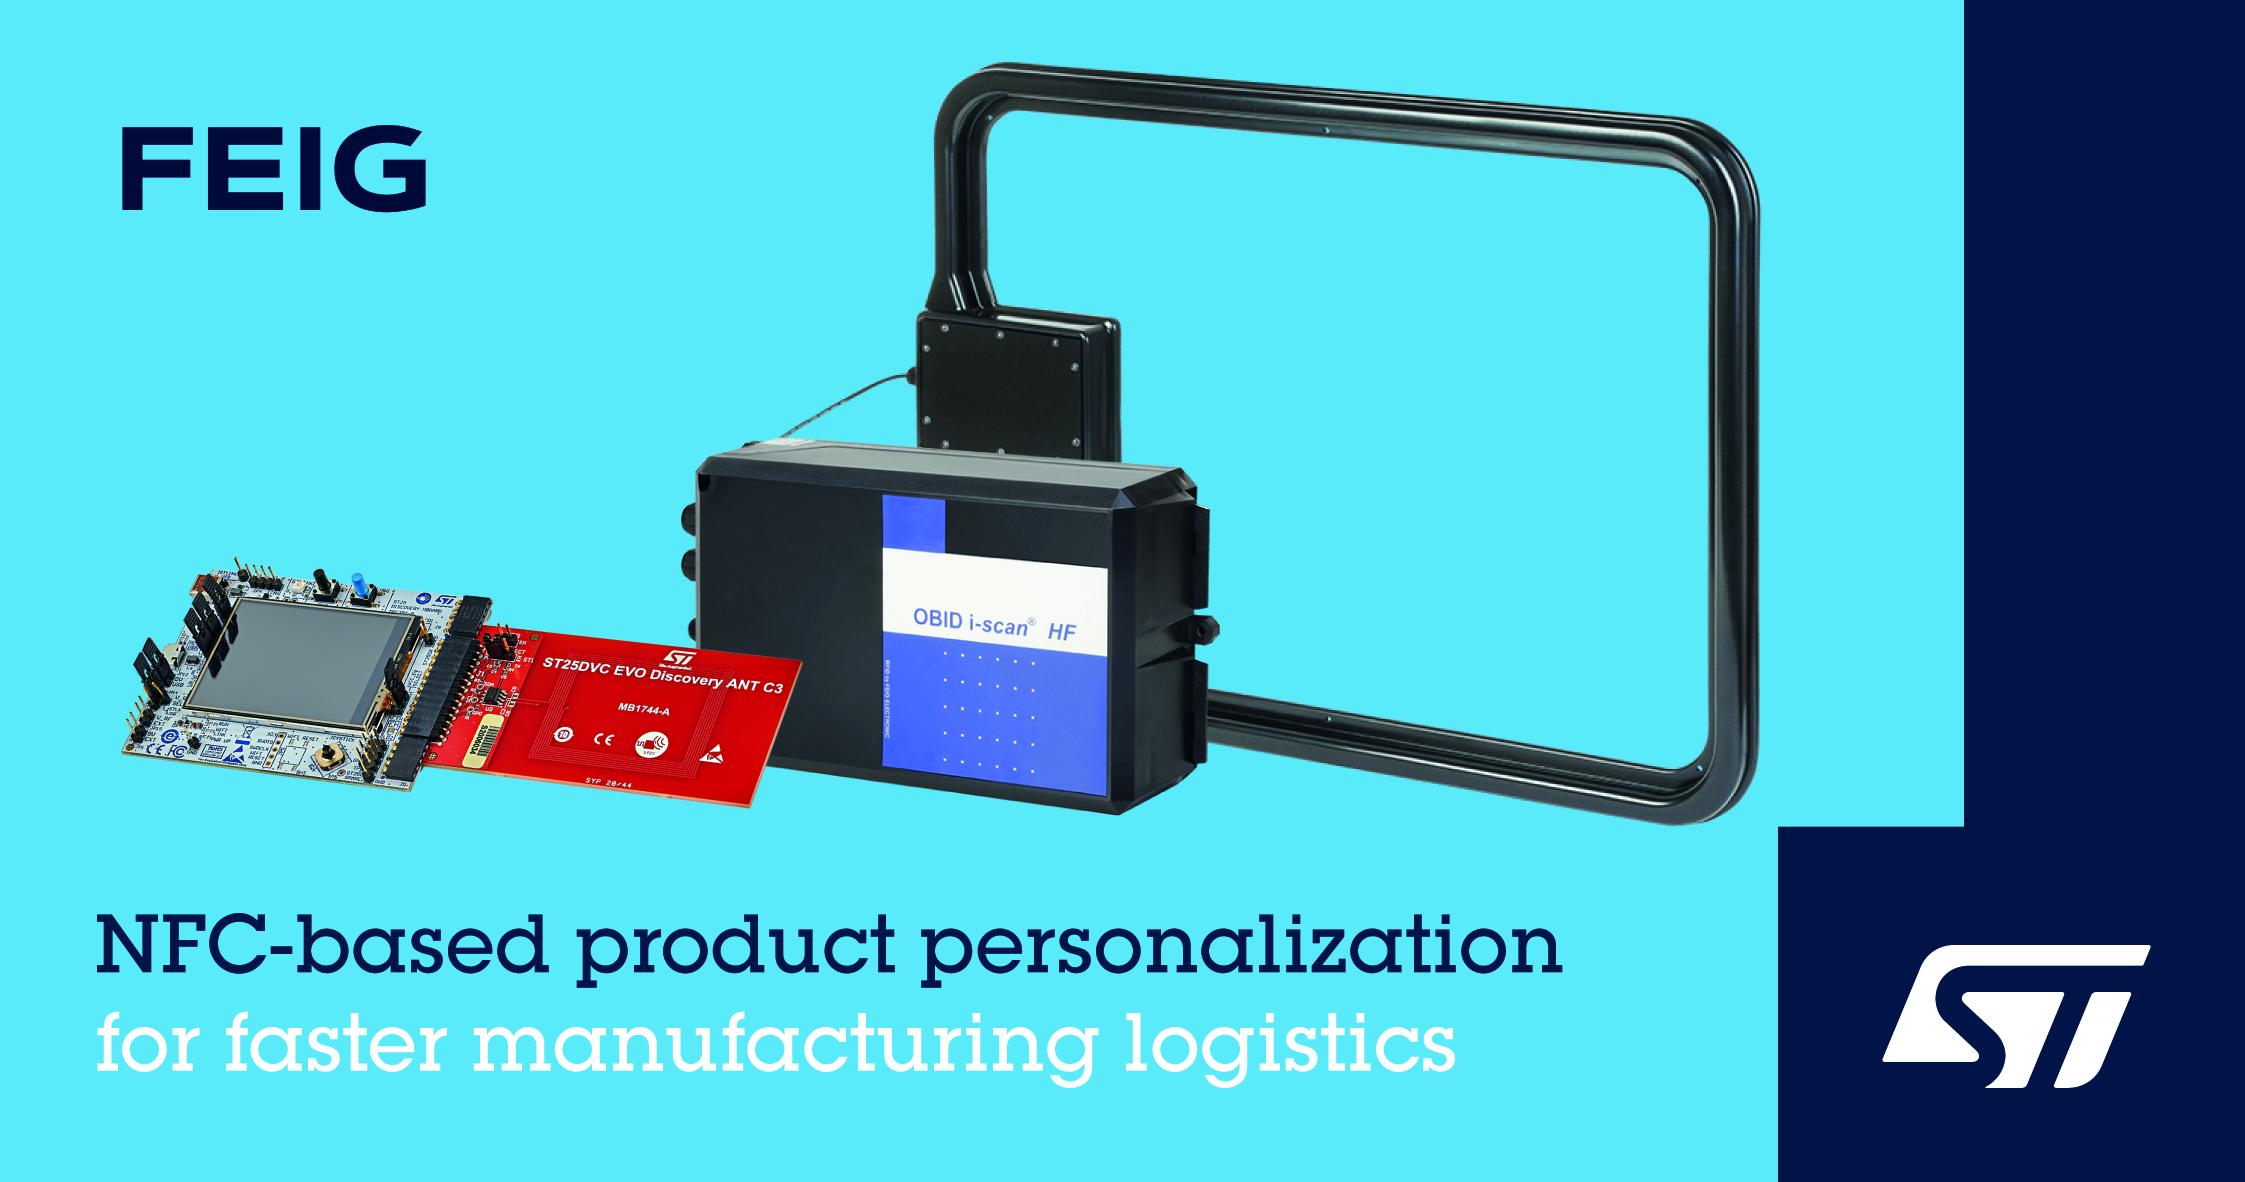 意法半导体和Feig电子合作开发非接触式产品个性化方案提高物流的快捷性、灵活性、经济效益